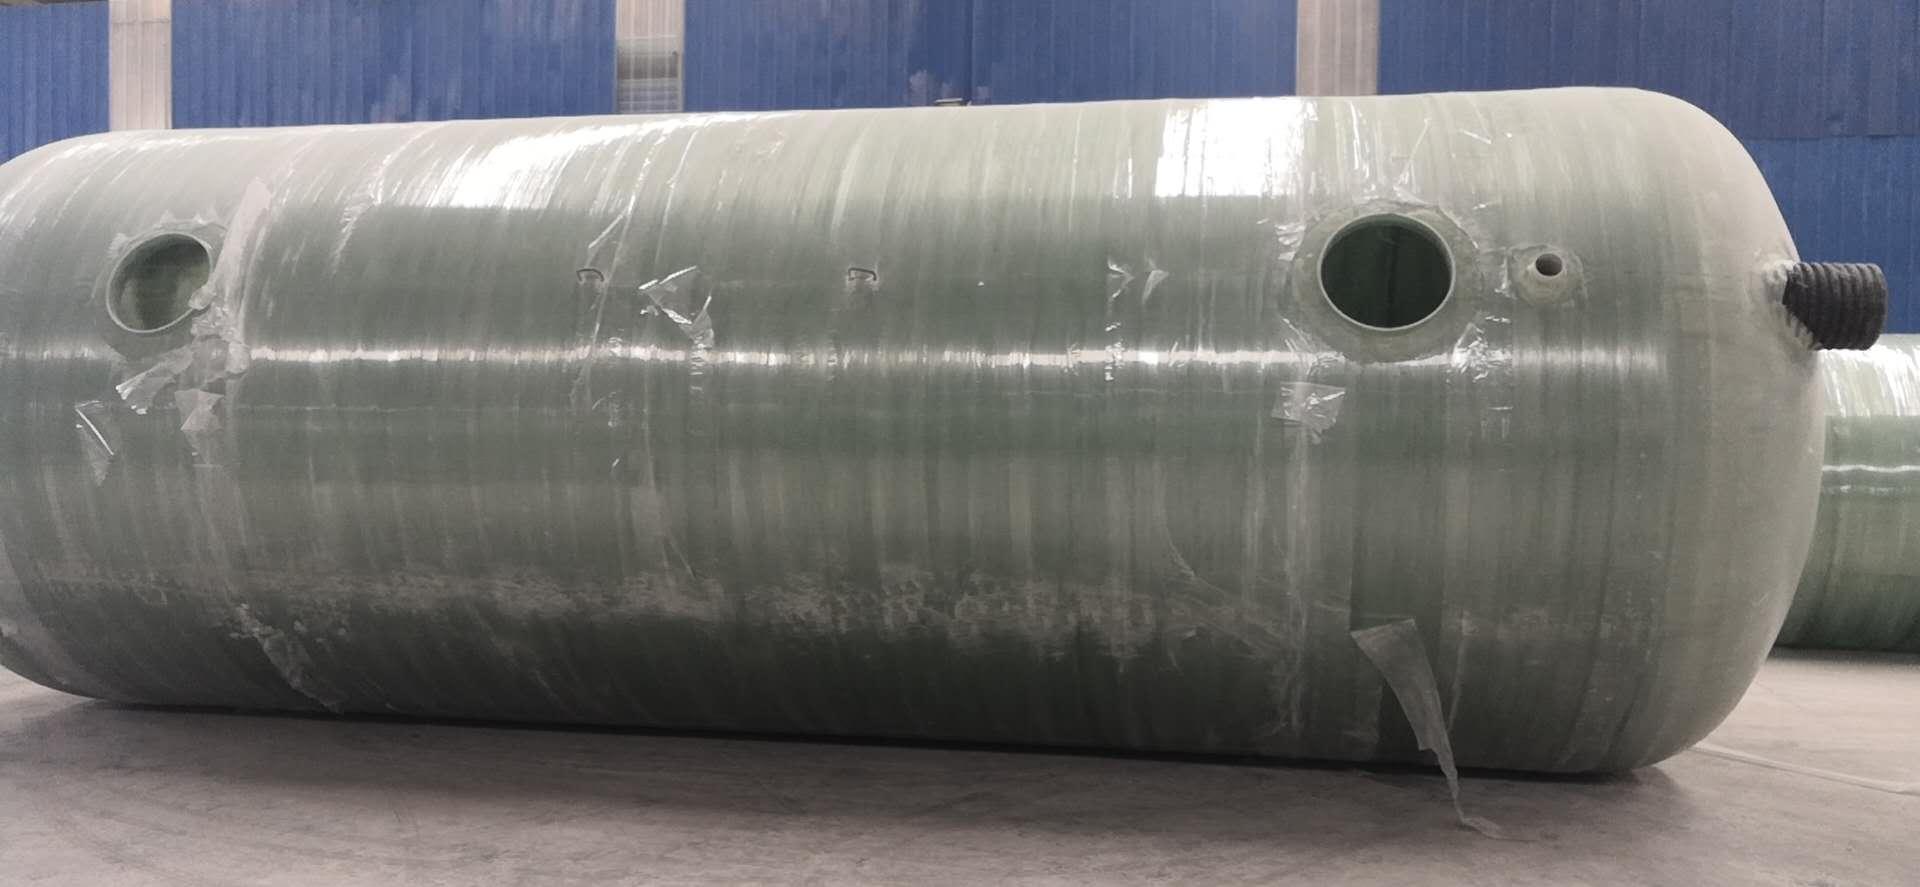 耐用的安阳玻璃钢化粪池厂家-安阳玻璃钢化粪池厂家厂商